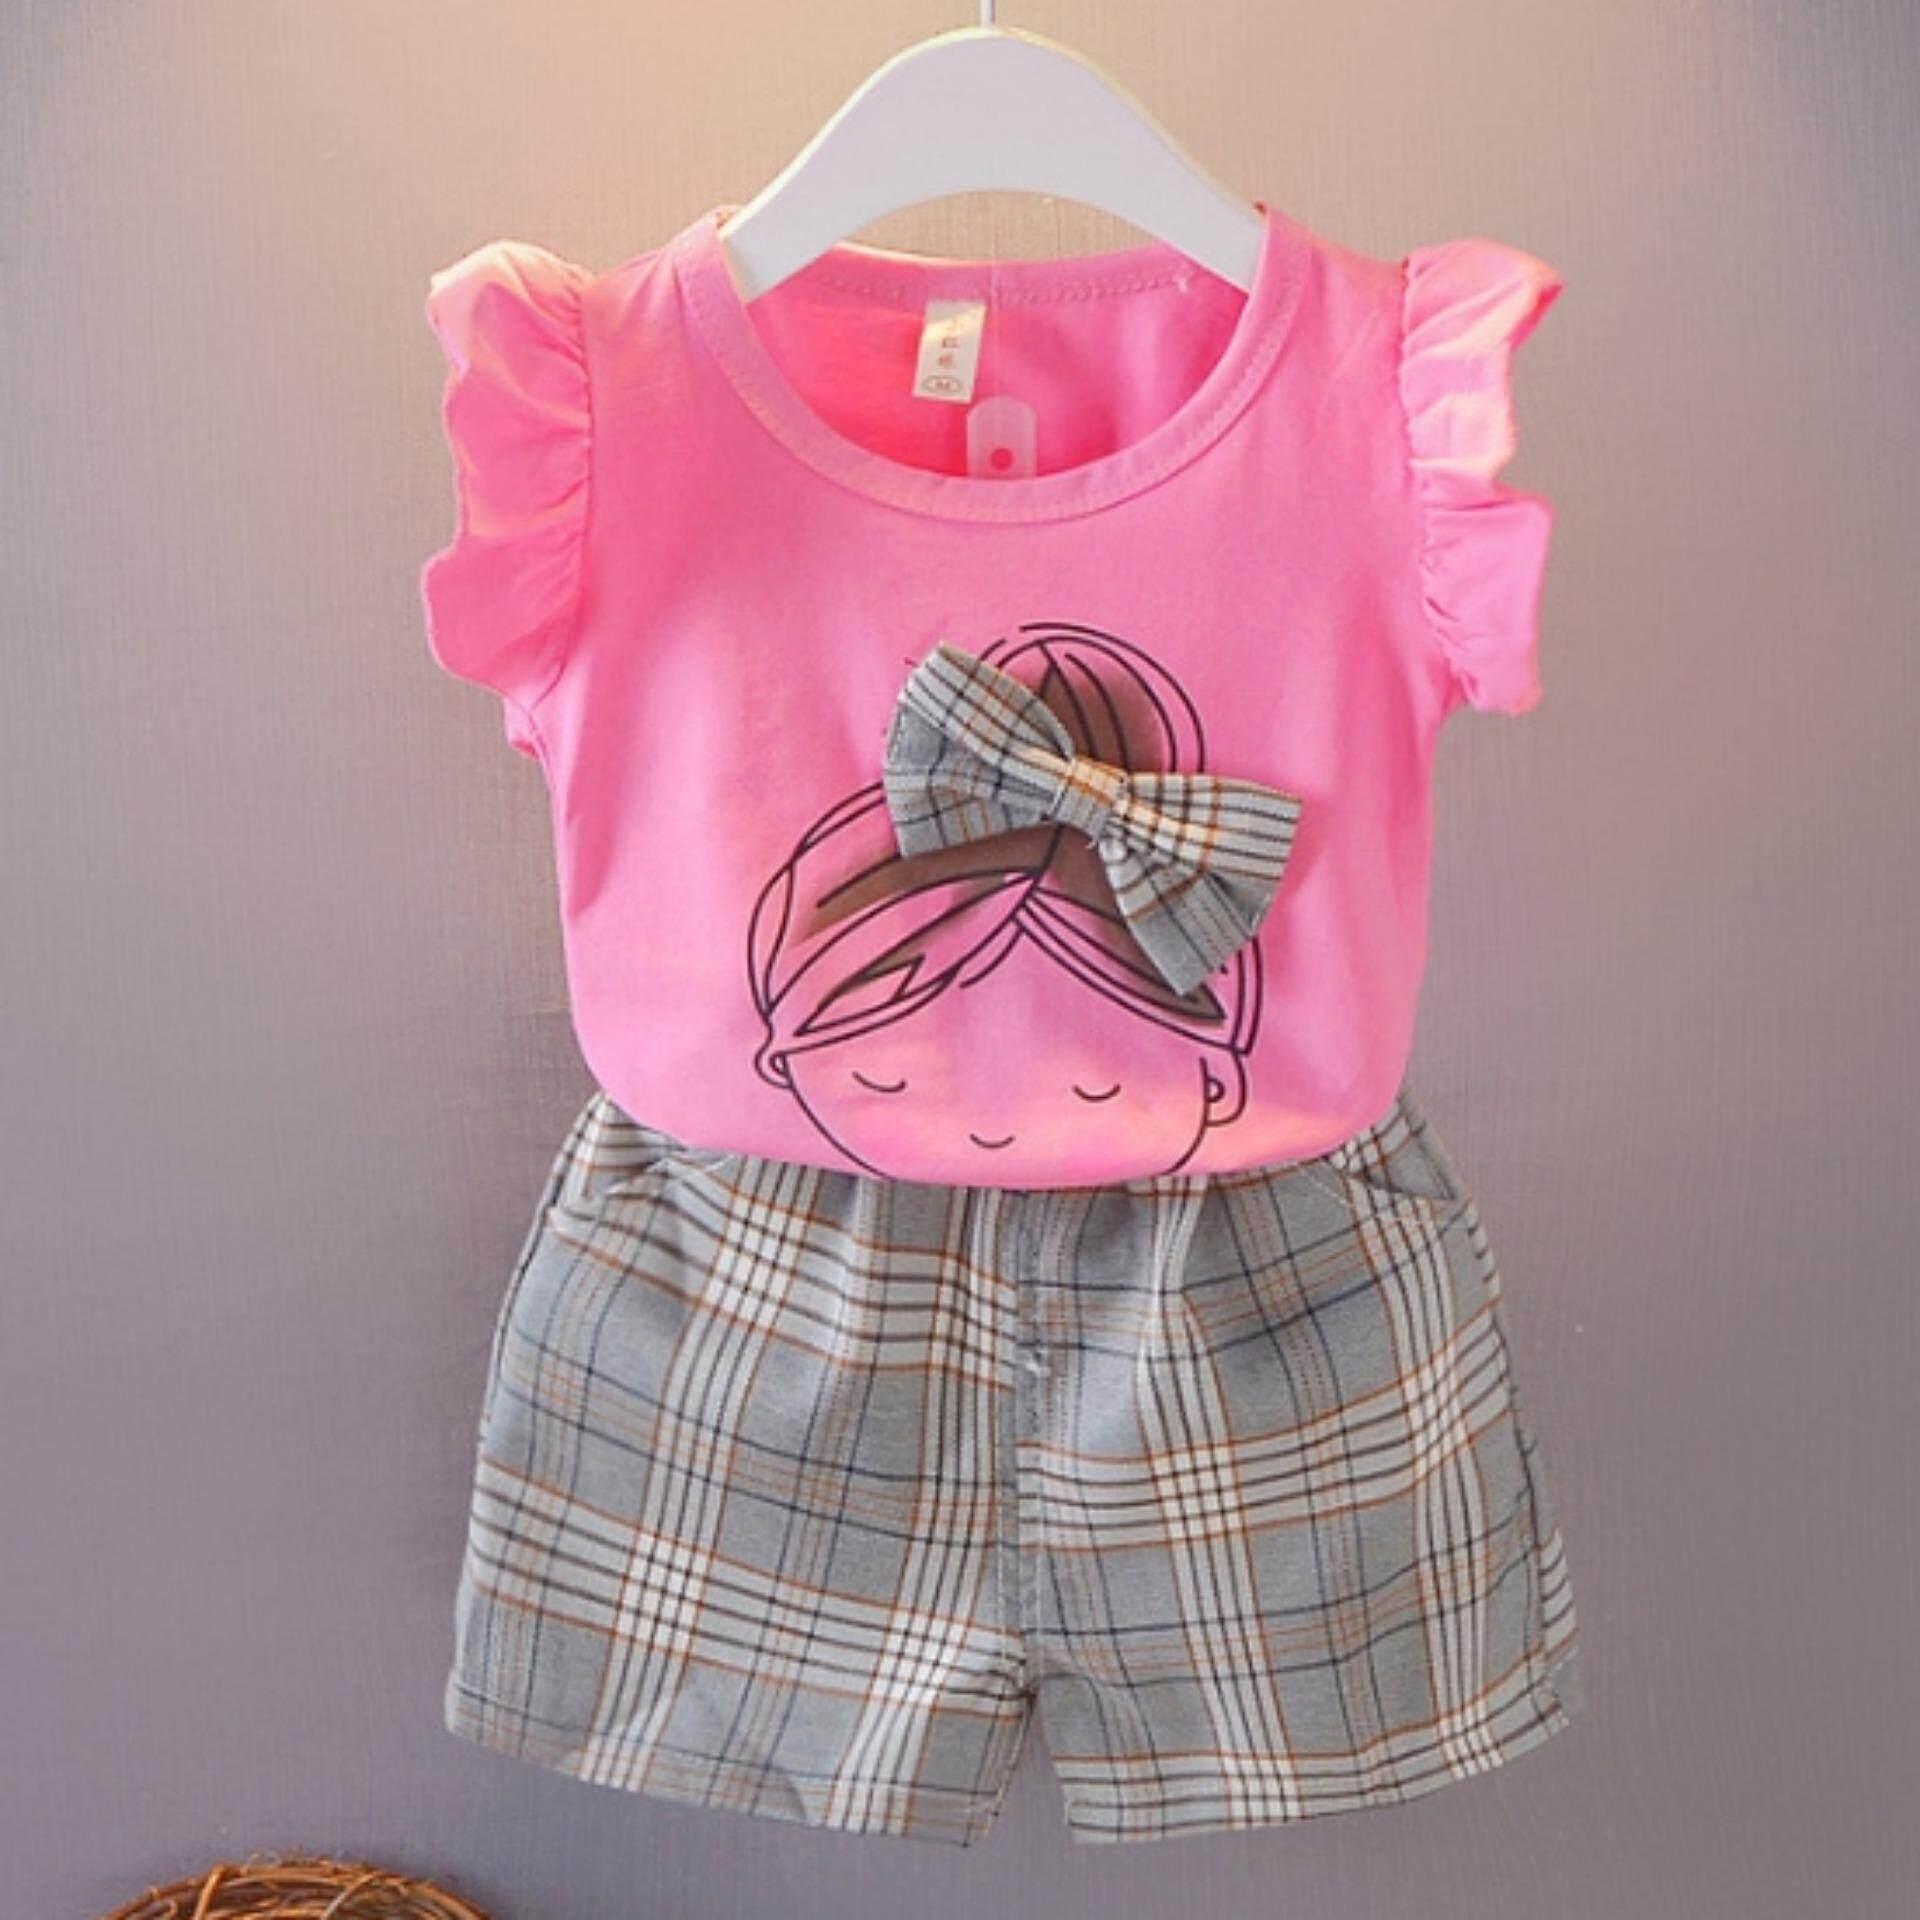 เสื้อ+กางเกงขาสั้น ลายการ์ตูนสุดน่ารัก Kids Clothes ผ้านุ่มใส่สบาย ไซส์ 70-140 ซม./6 เดือน-10 ปี By Pae Kids Shop